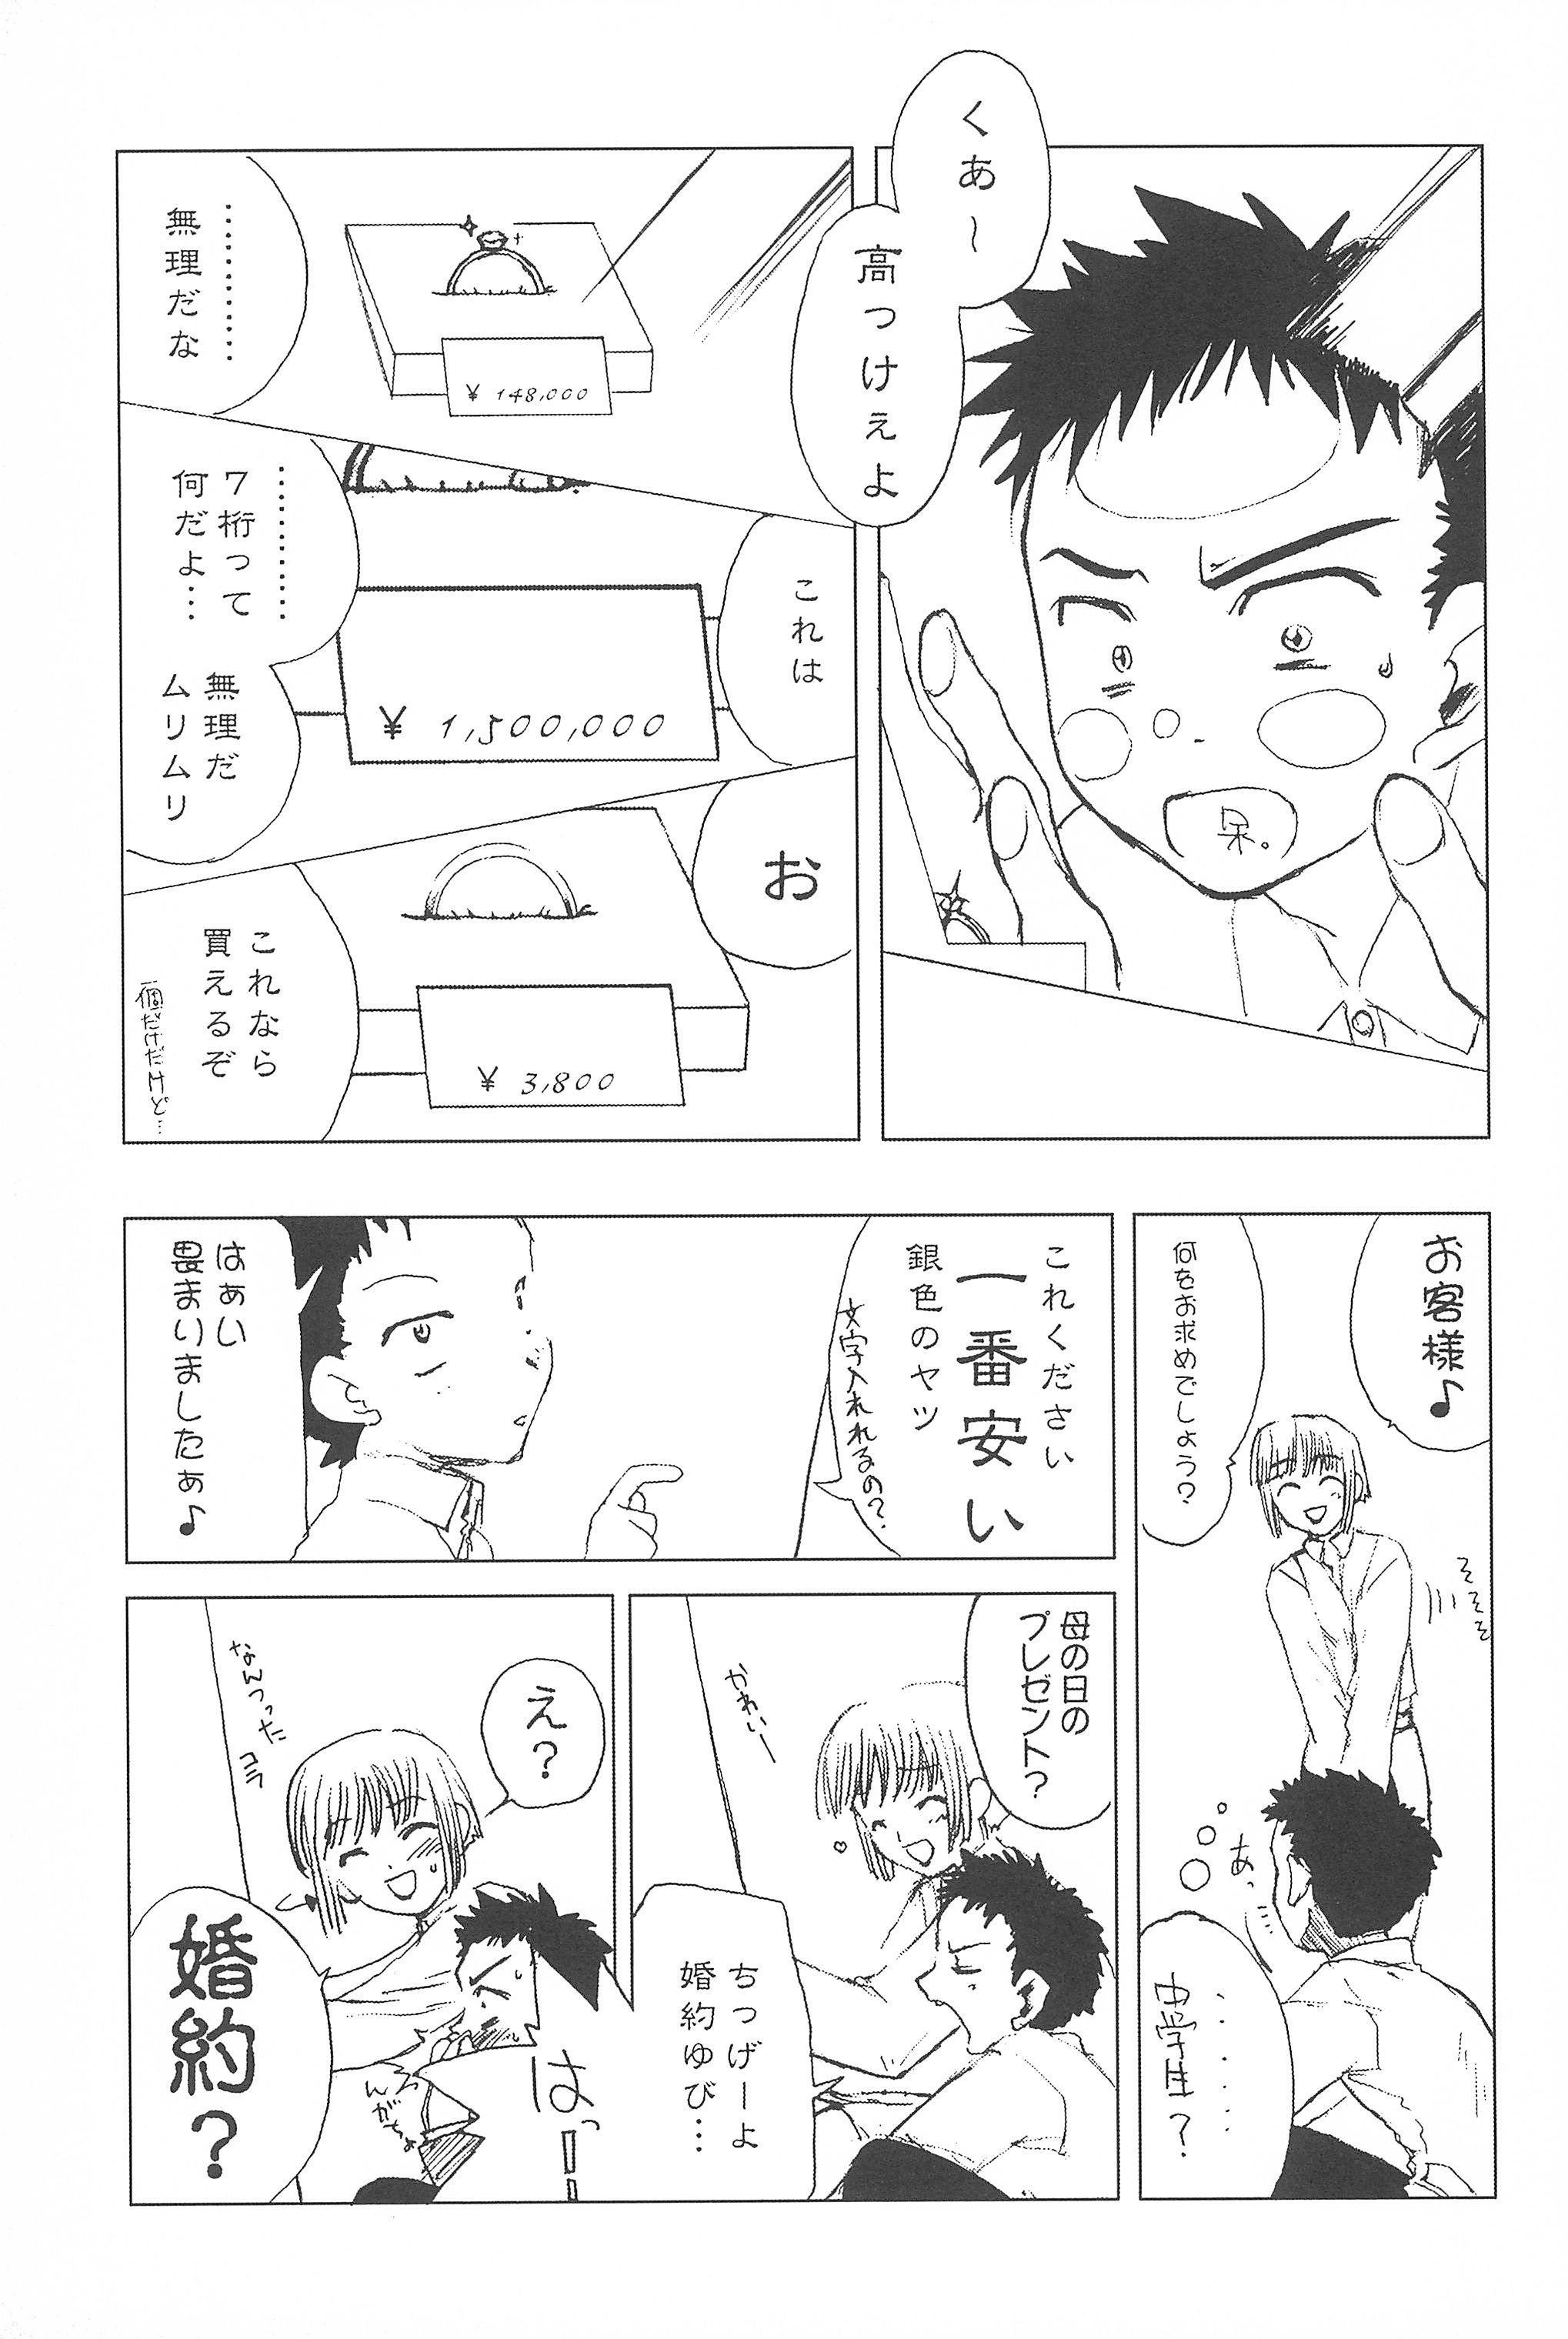 (SC22) [Shinobi no Yakata (Iwama Yoshiki) JEWEL-BOX 10 LOLITA-SARAD (Various) 38